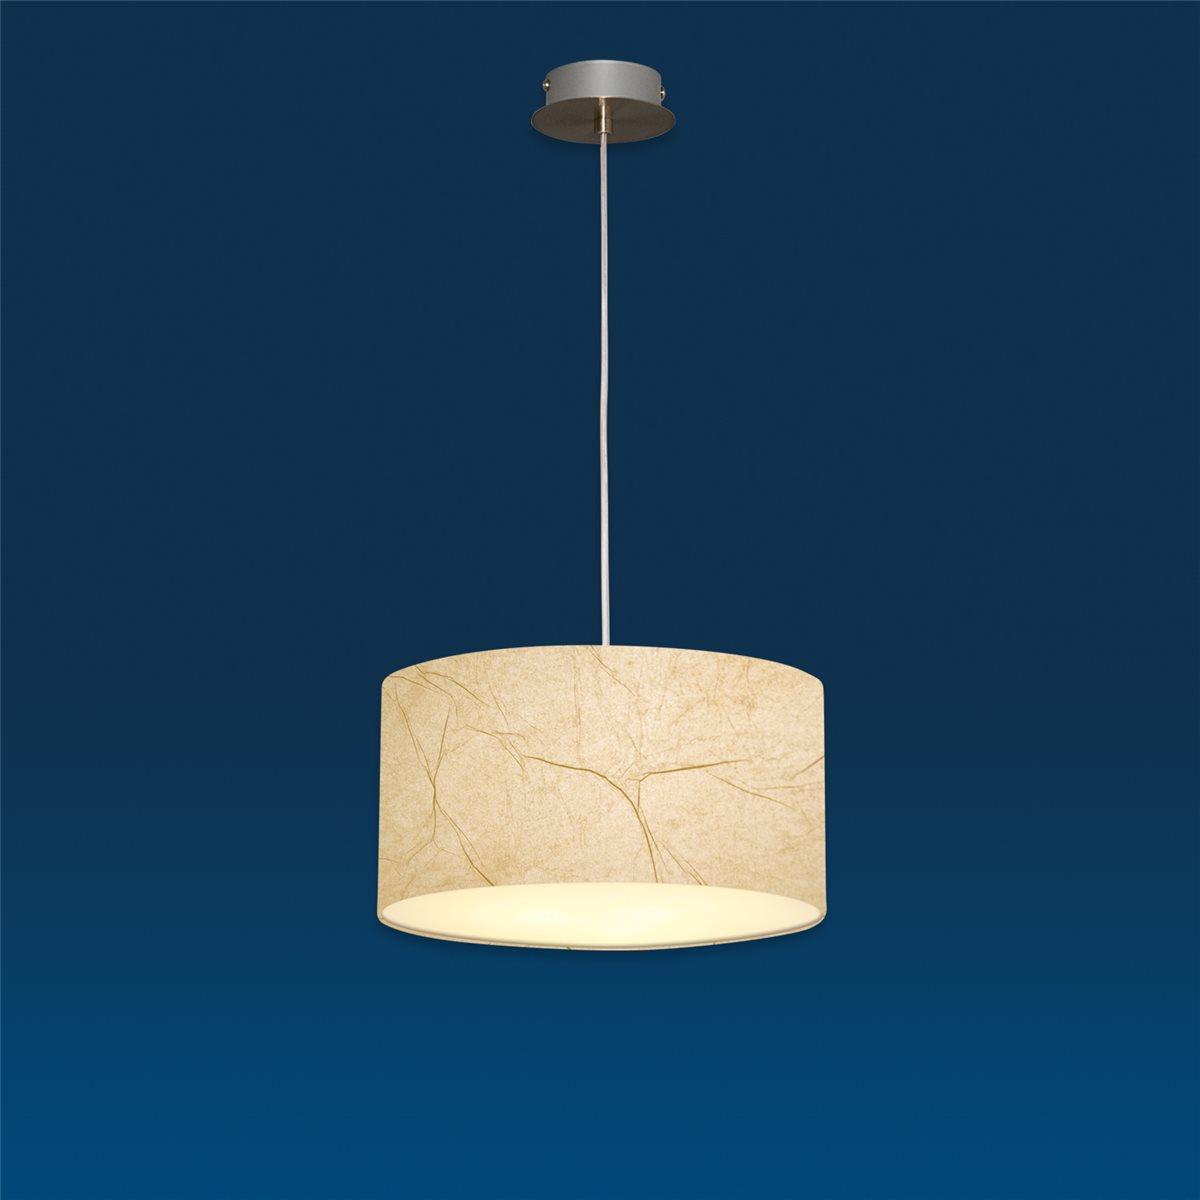 Lampenlux Pendelleuchte Nero Pergameno Beige Hängeleuchte Bauhaus Höhenverstellbar Nickel Satiniert Lichtdurchlässige Folie Robust Hängelampe Pendellampe Ø45cm